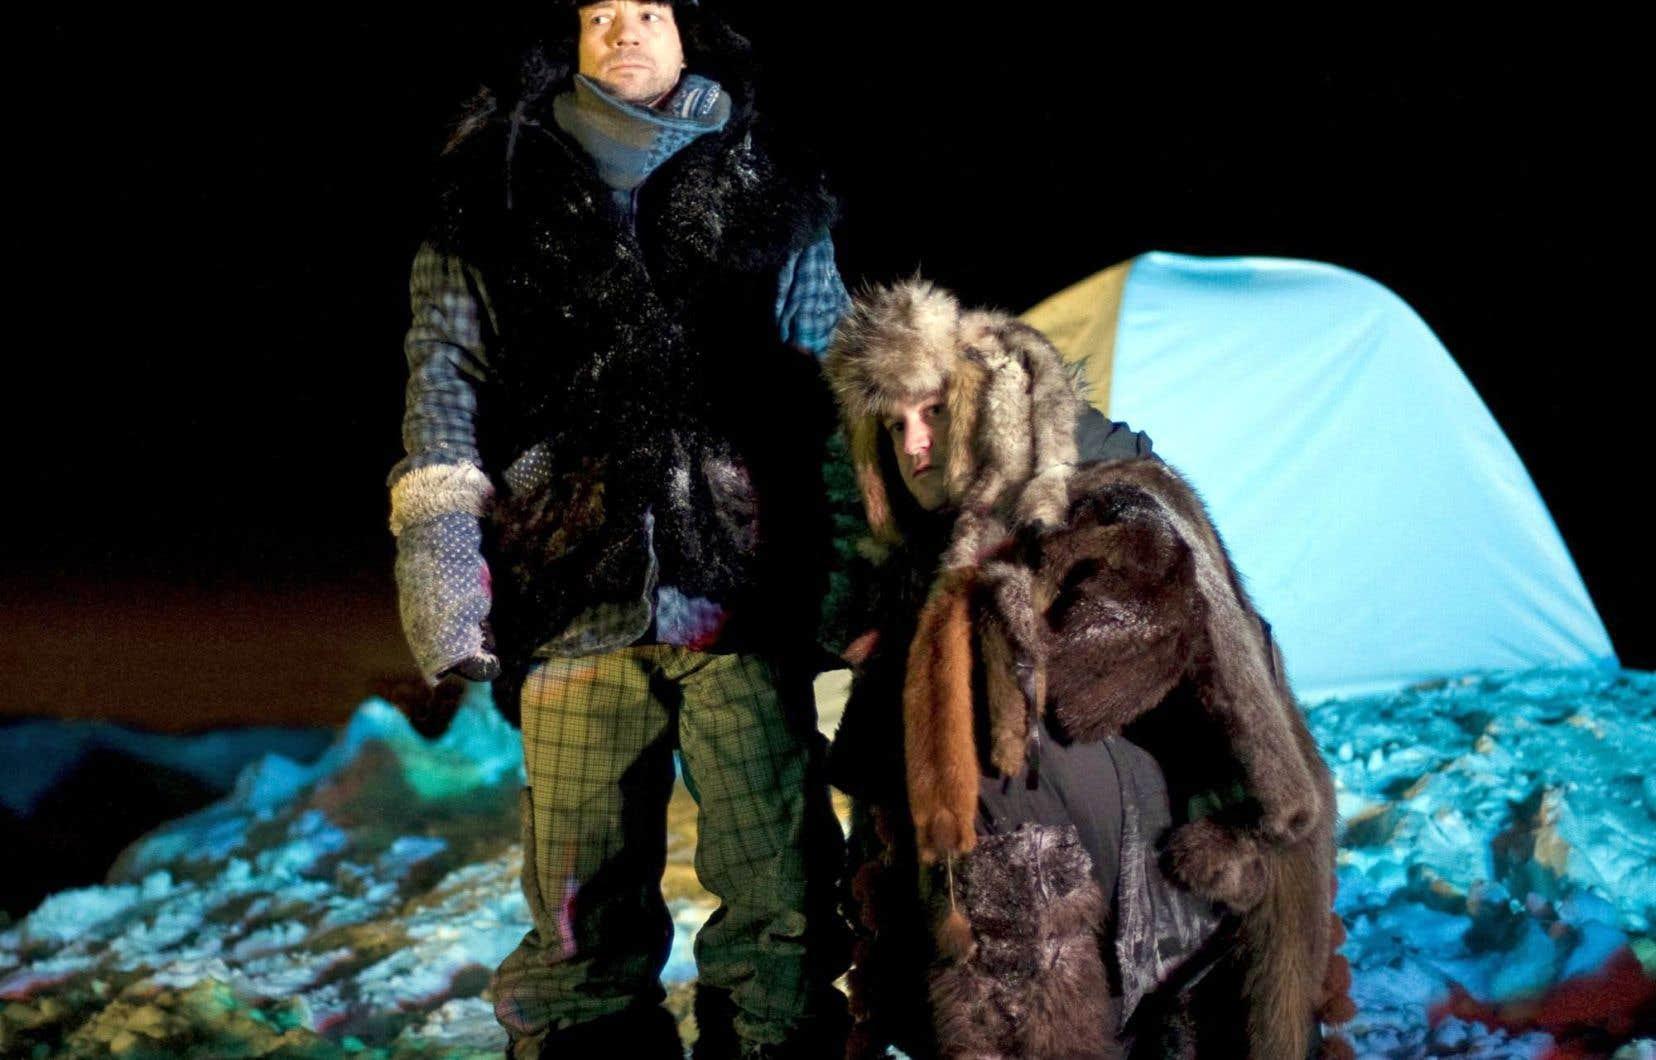 Une fenêtre sépare les acteurs, dehors dans la neige, des spectateurs au chaud à l'intérieur, dans «Agaguk» (2008) de Théâtre Sous Zéro.